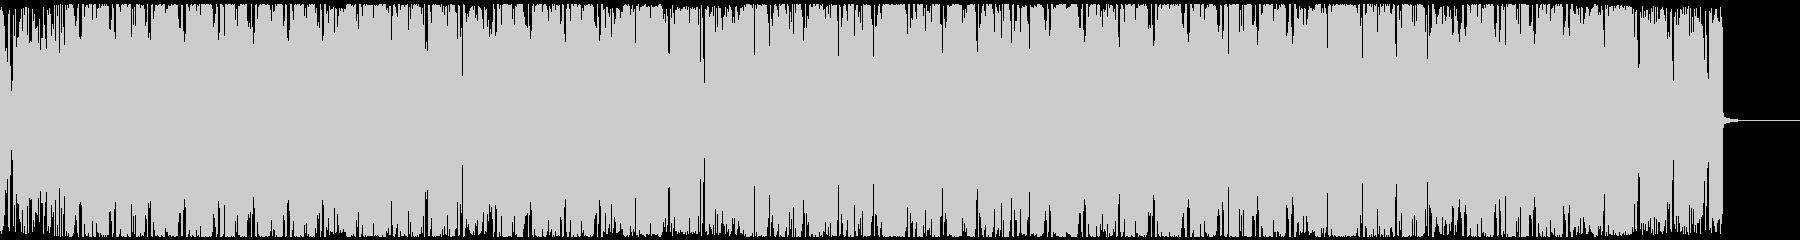 キャッチーなギターの前向きヒップホップの未再生の波形